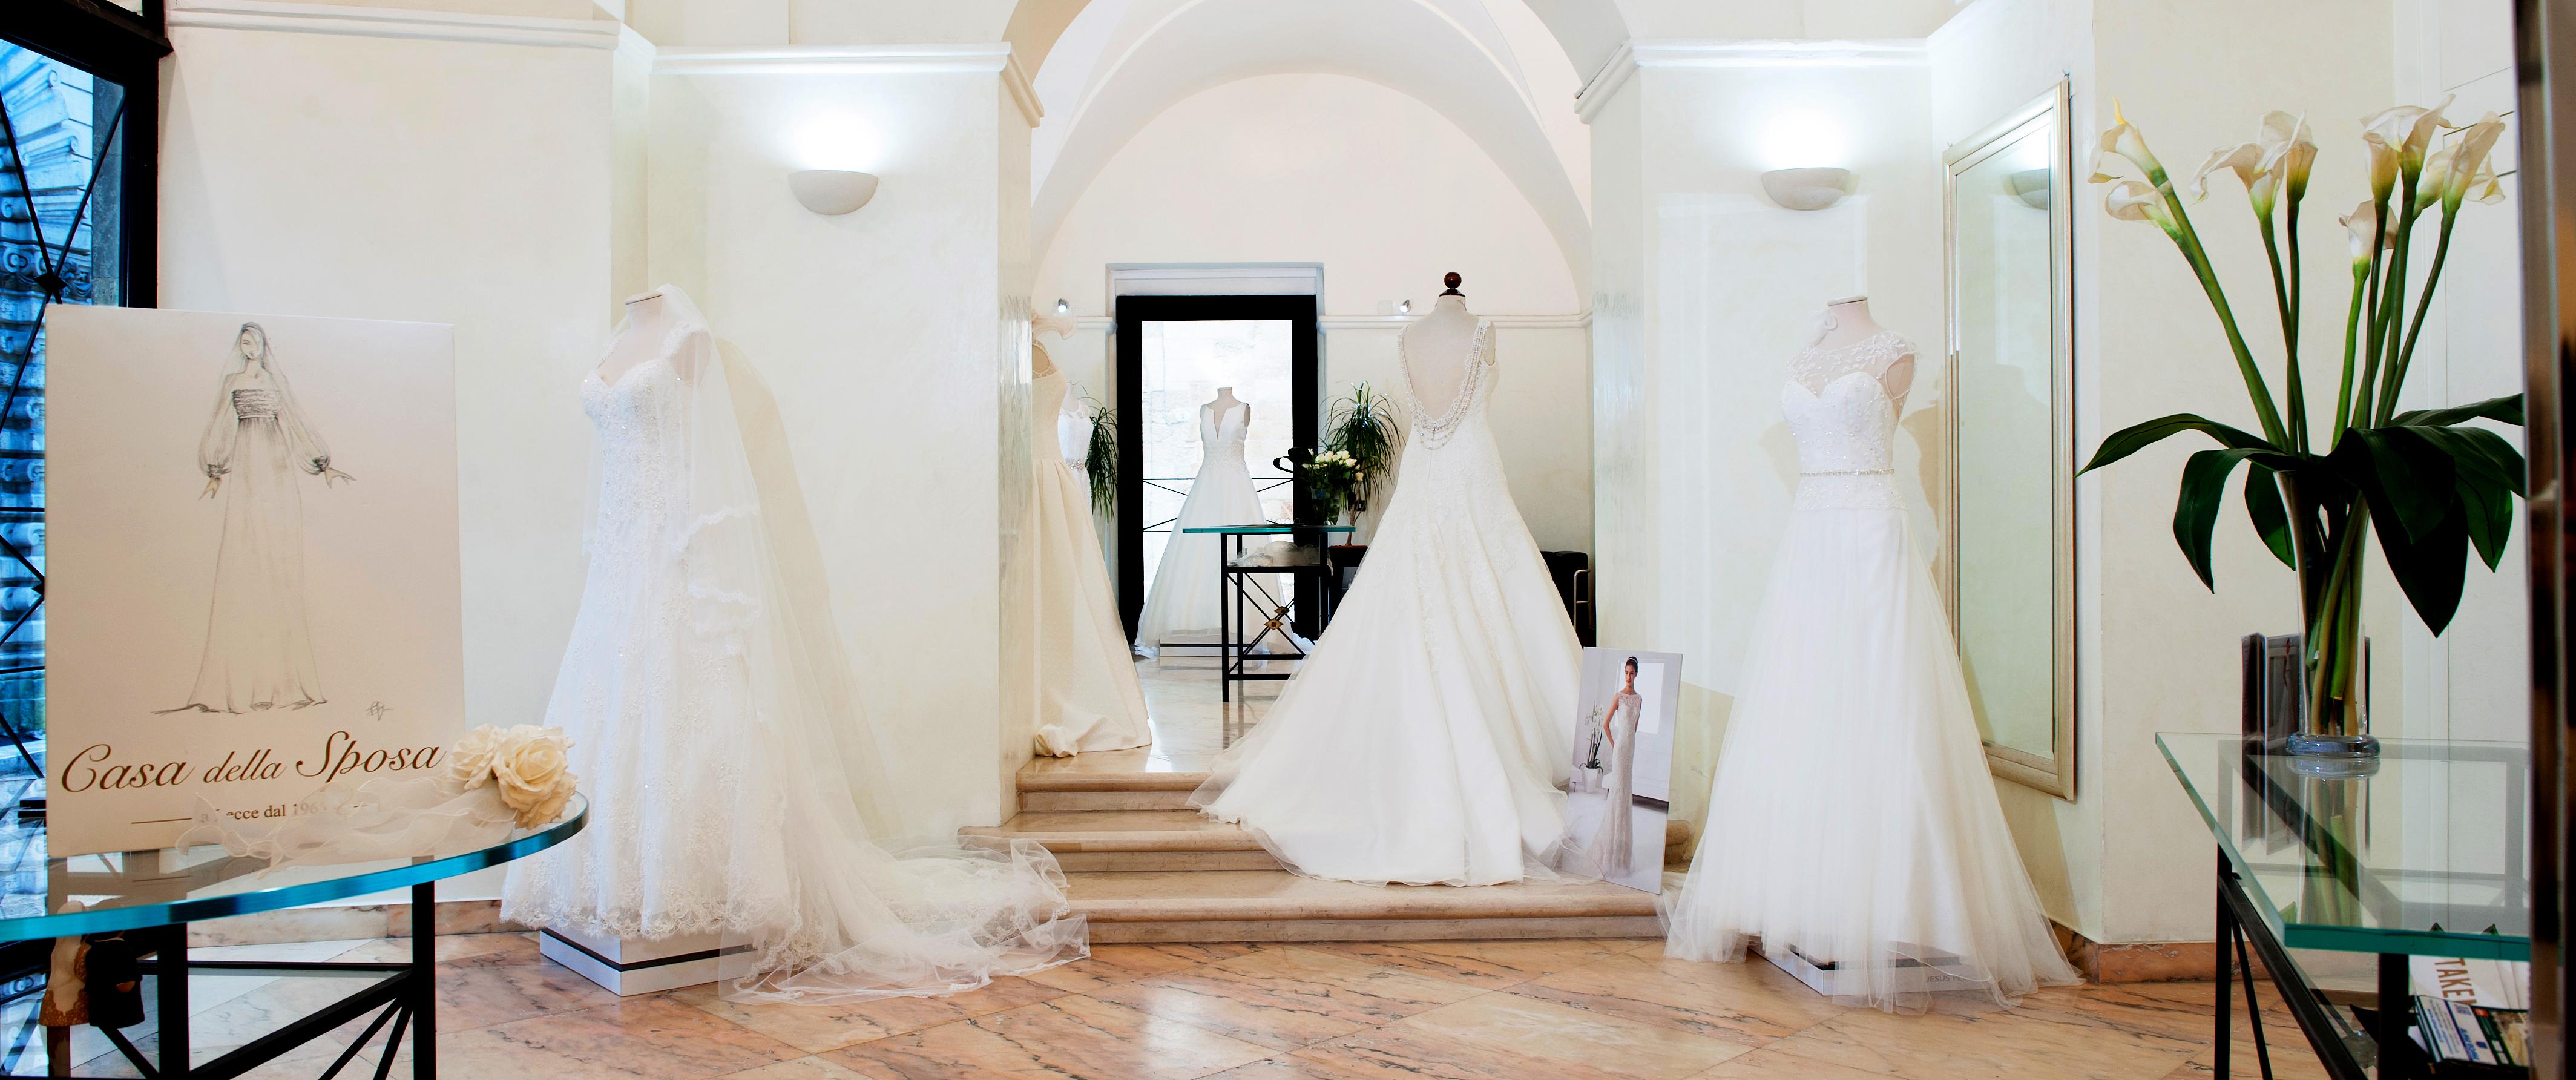 23fd69018f97 Atelier - Casa della Sposa